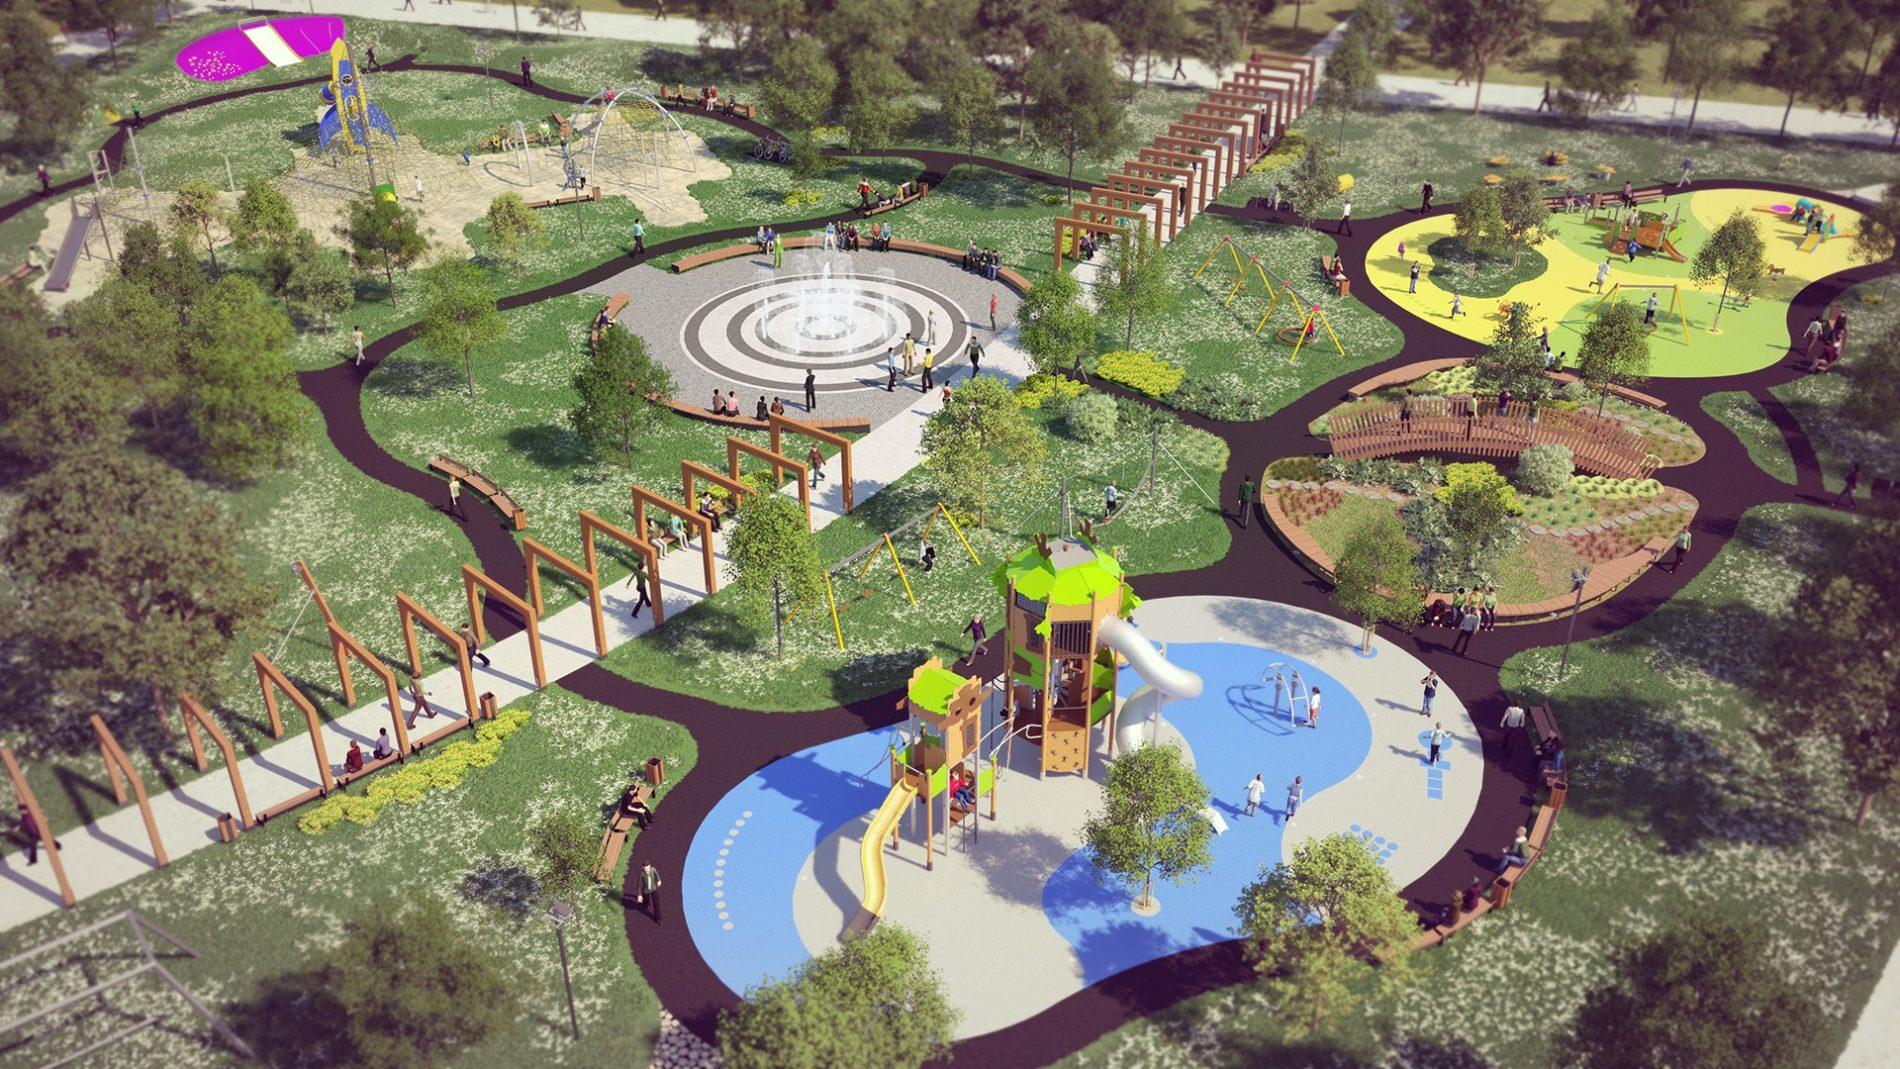 wizualizacja urbanistyczna parku w sosnowcu